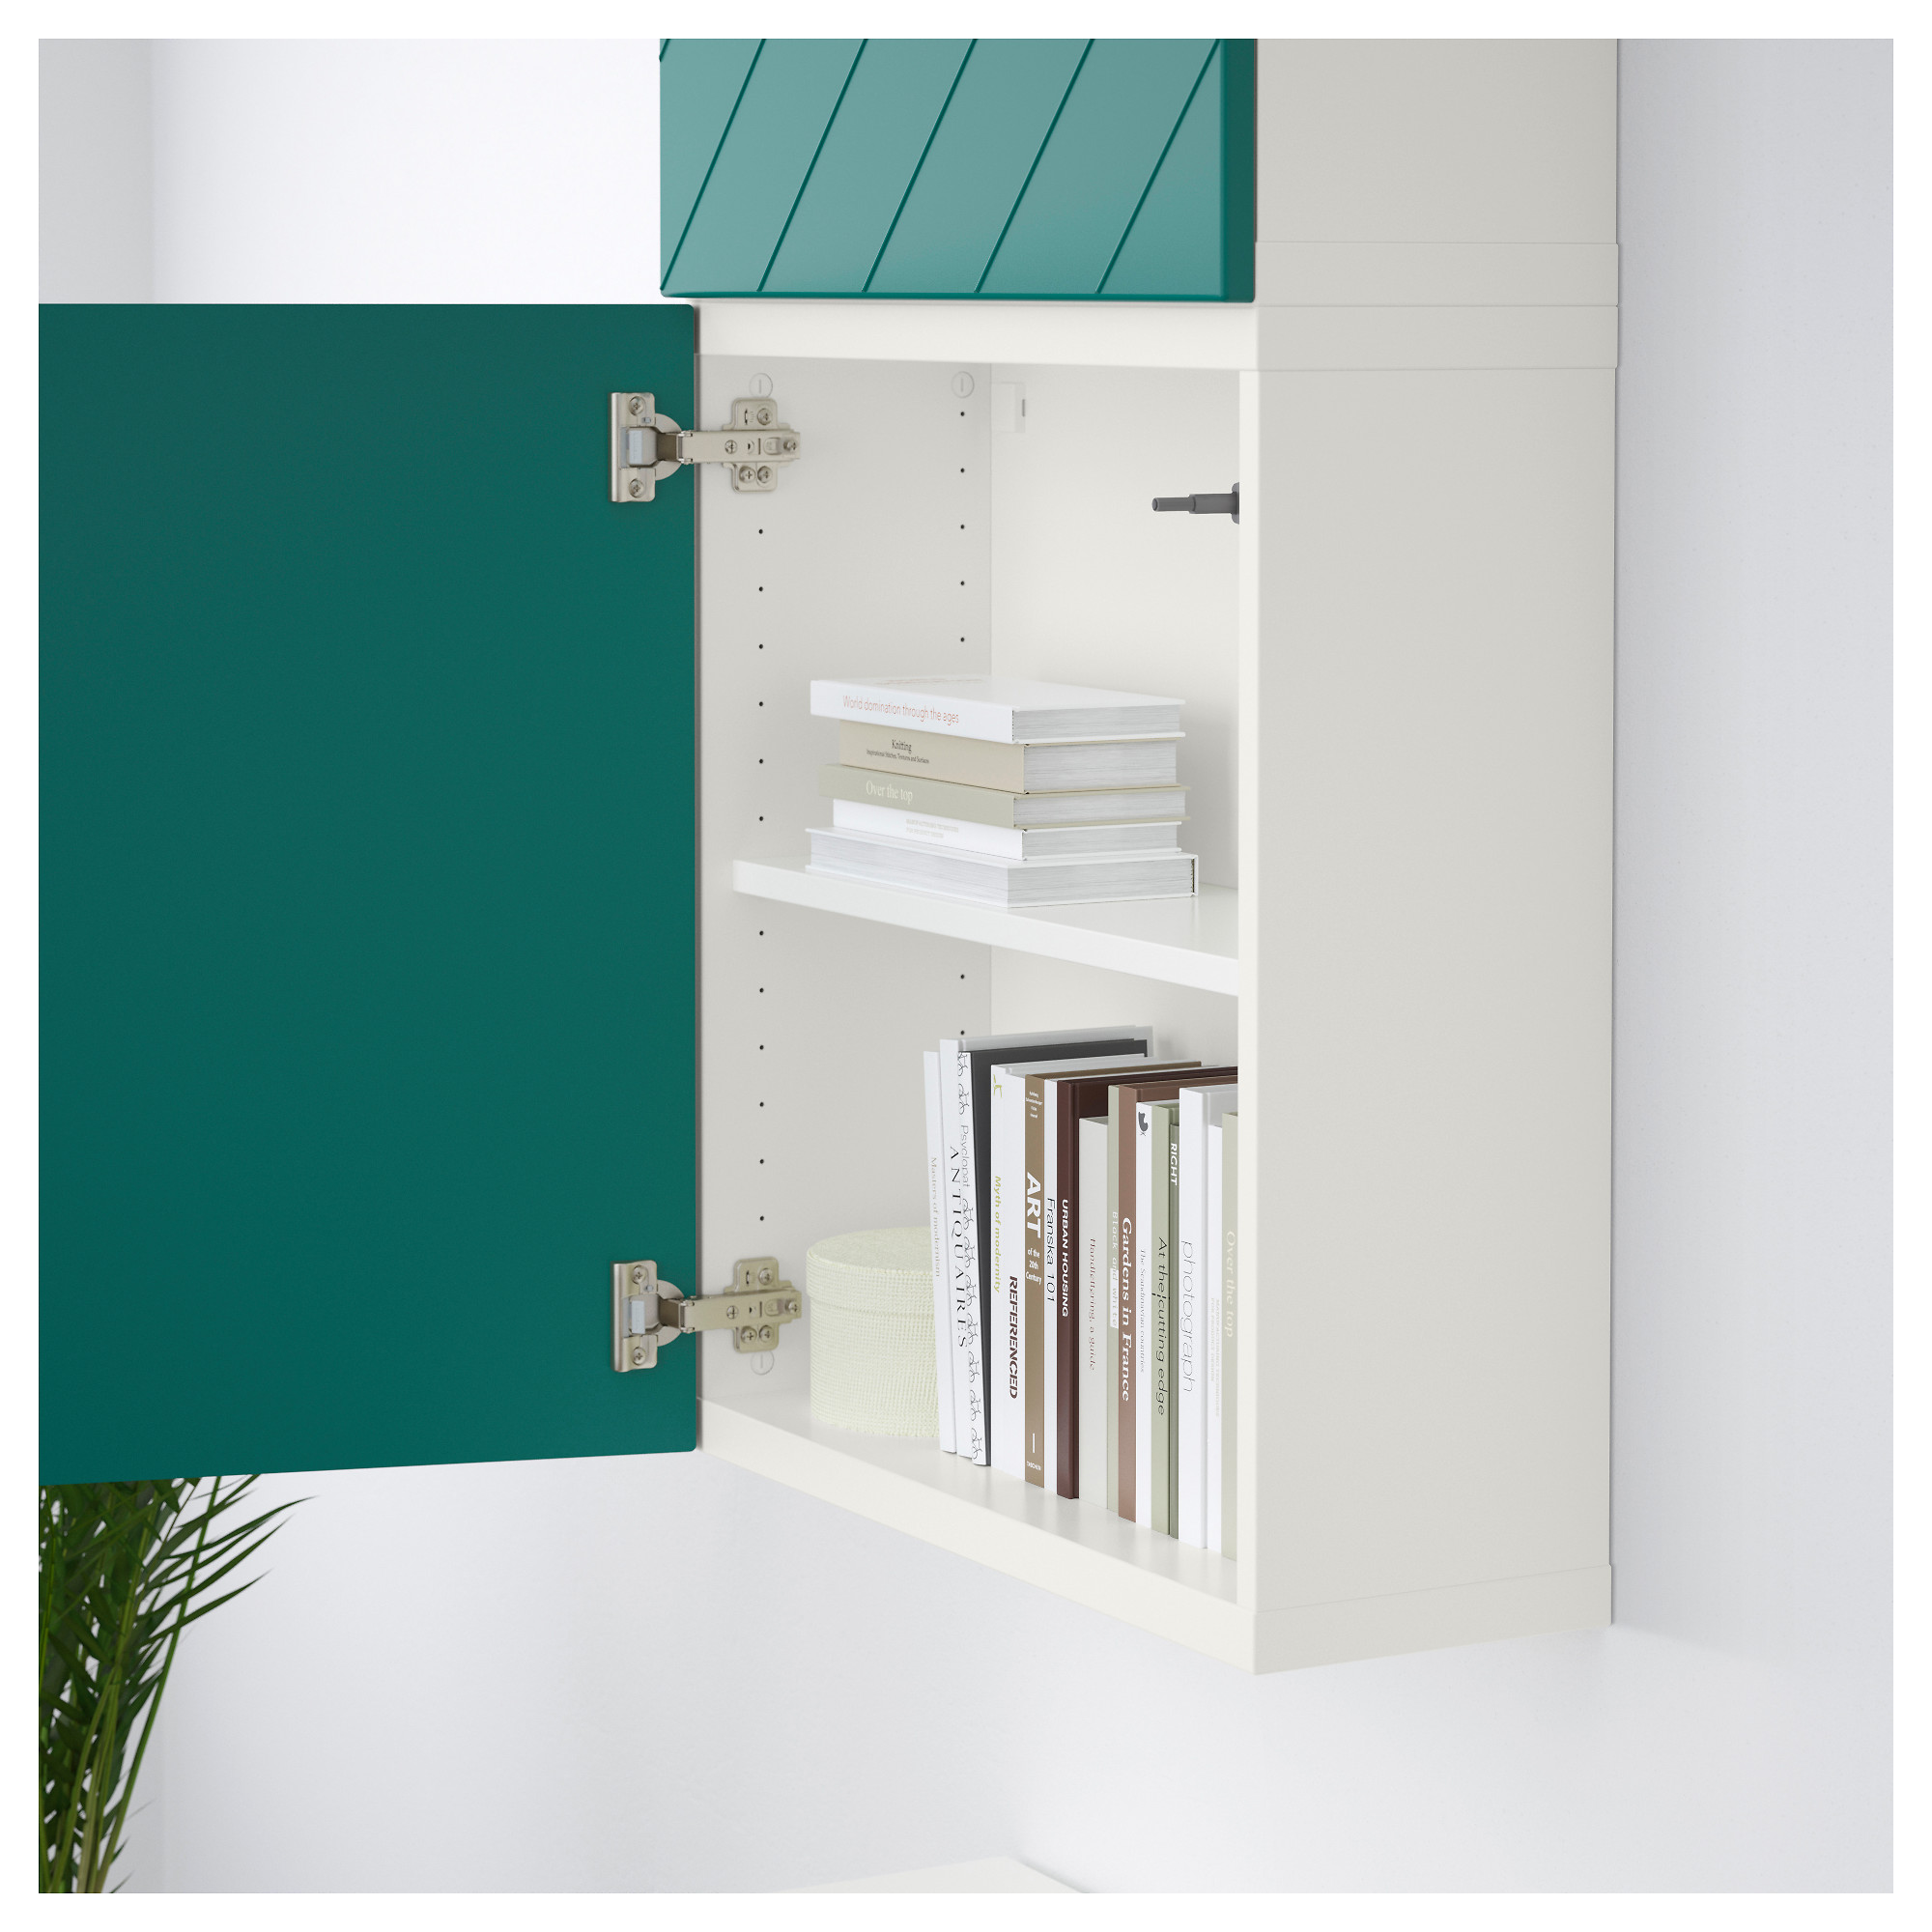 Навесной шкаф с 2 дверями БЕСТО сине-зеленый артикуль № 192.762.87 в наличии. Online магазин ИКЕА РБ. Недорогая доставка и монтаж.